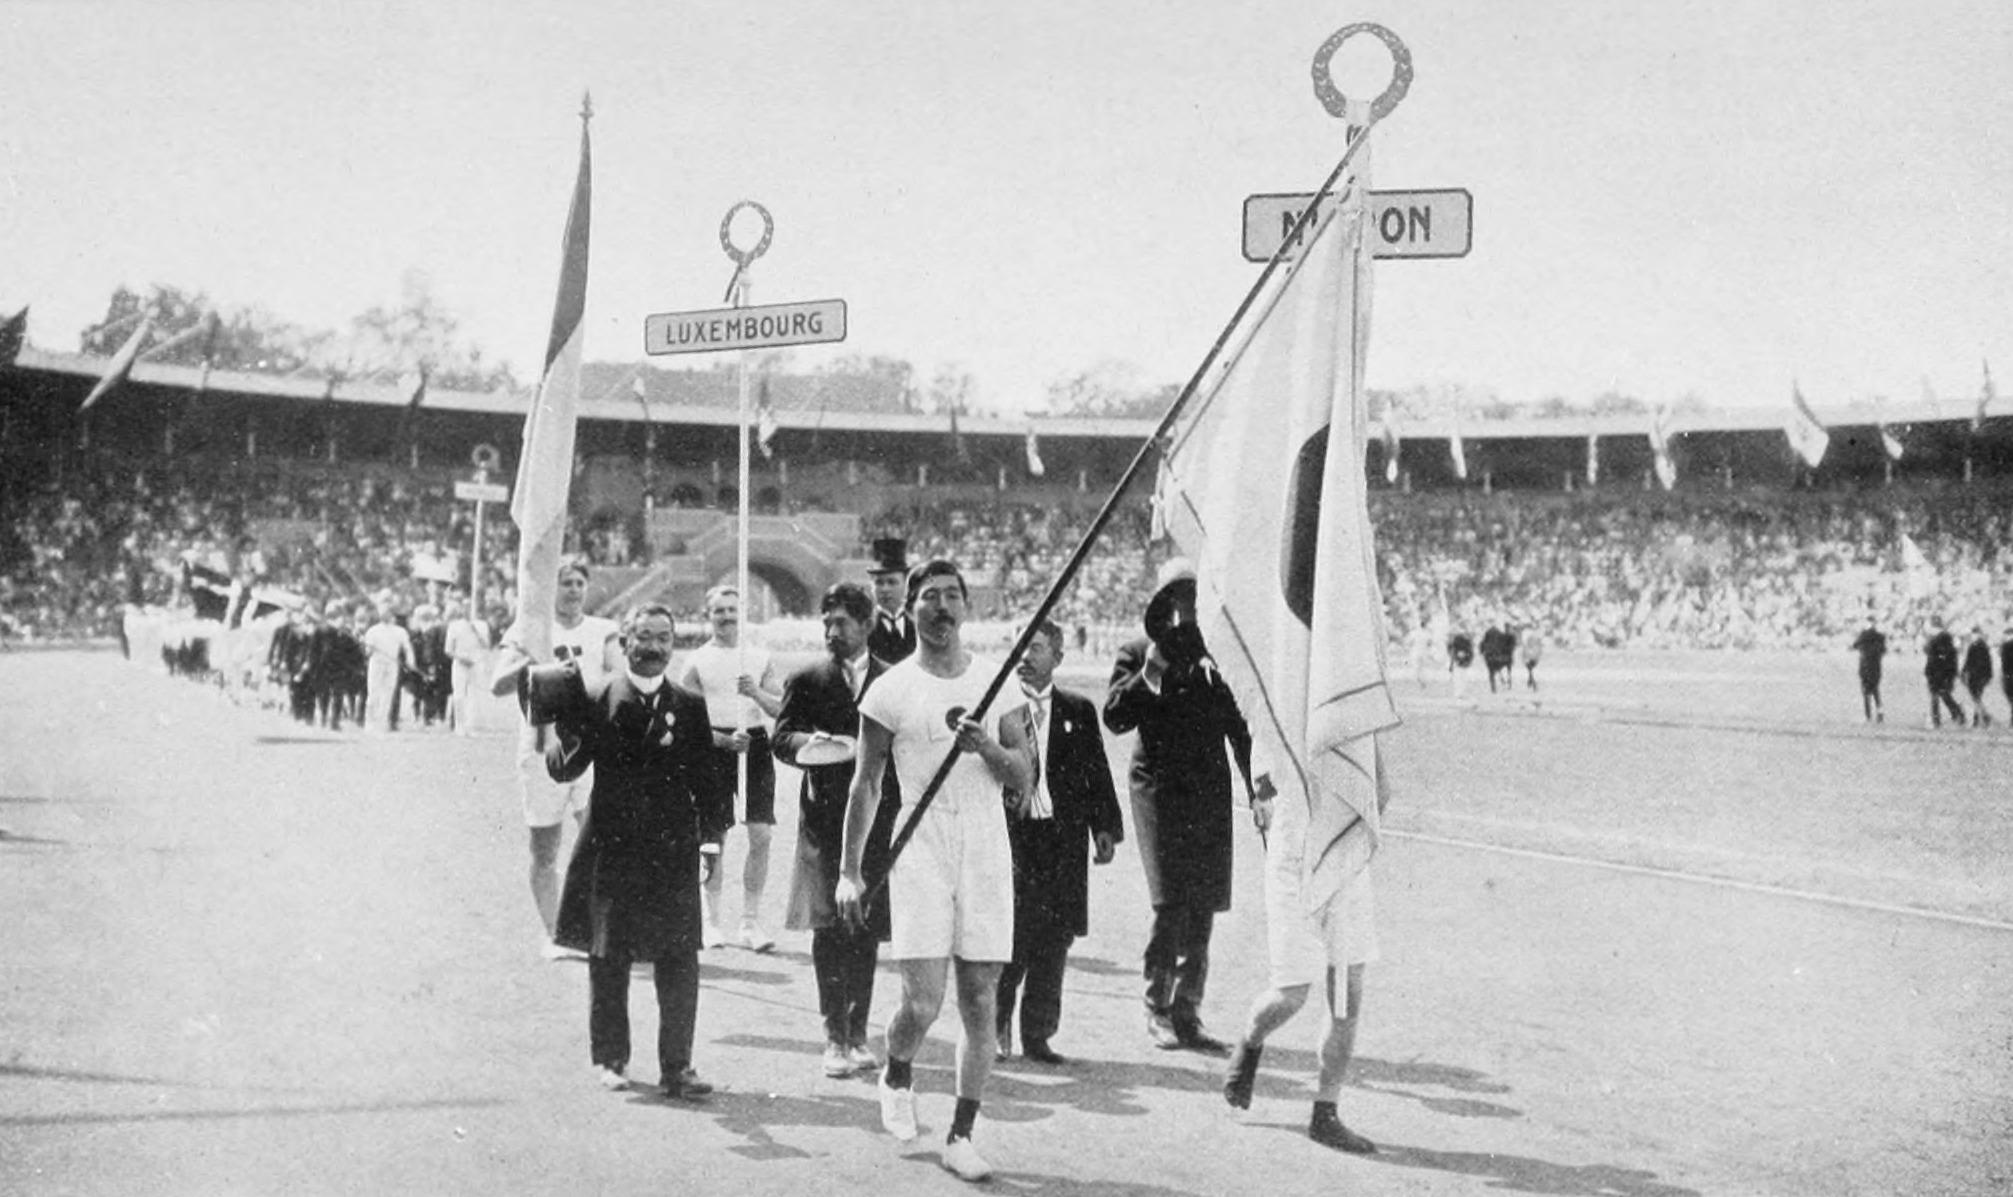 история емблемы золотых медалей на олимпийских играх в сочи